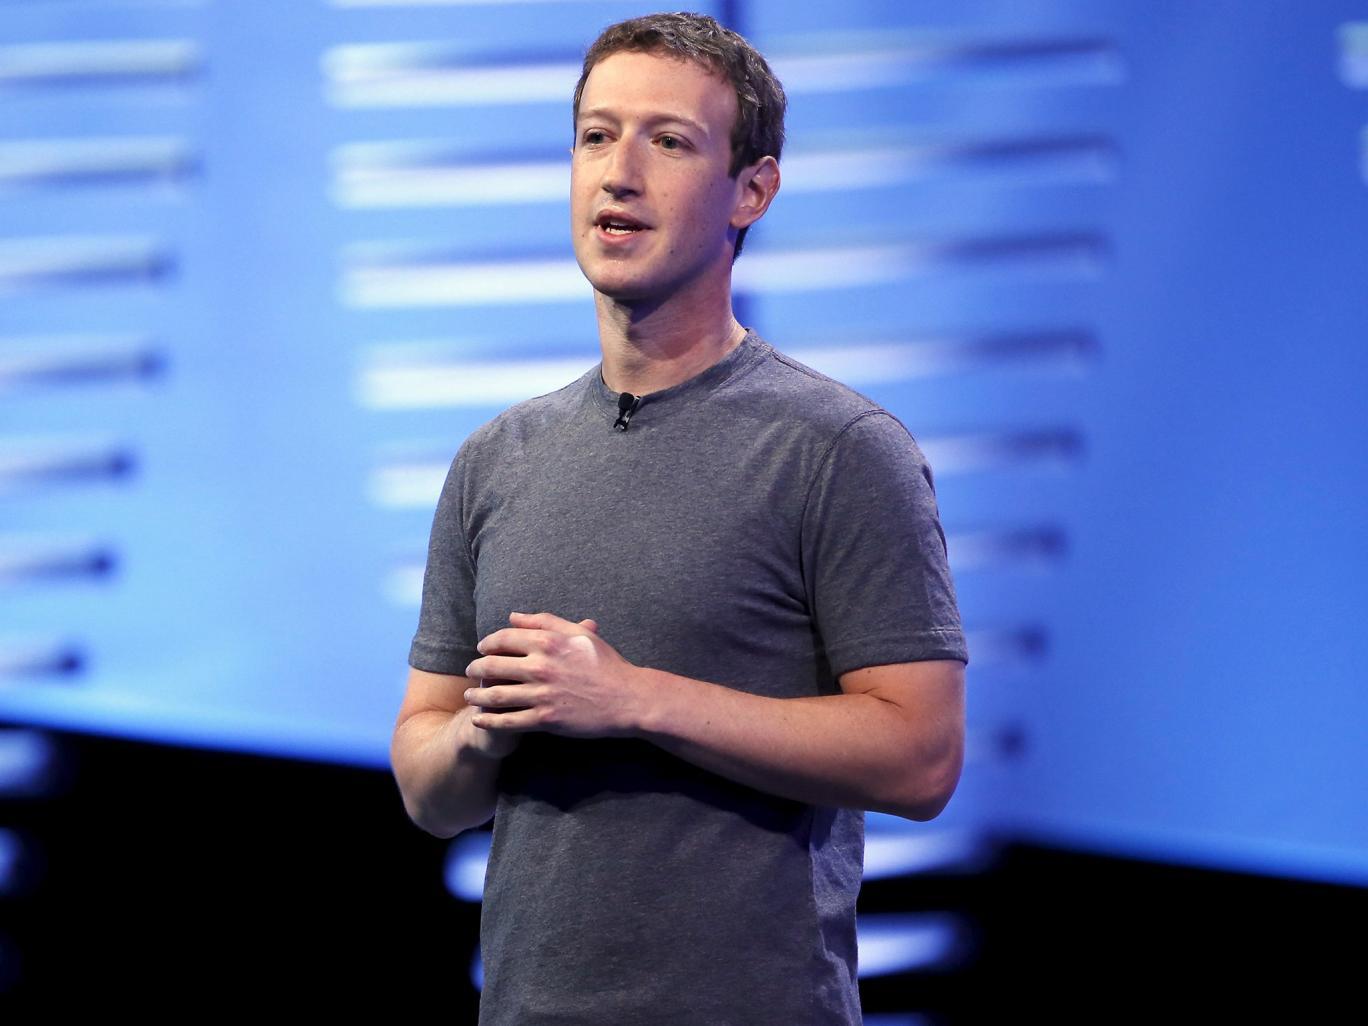 Цукерберг с женой пожертвуют $3 млрд, чтобы искоренить болезни к концу века - 1